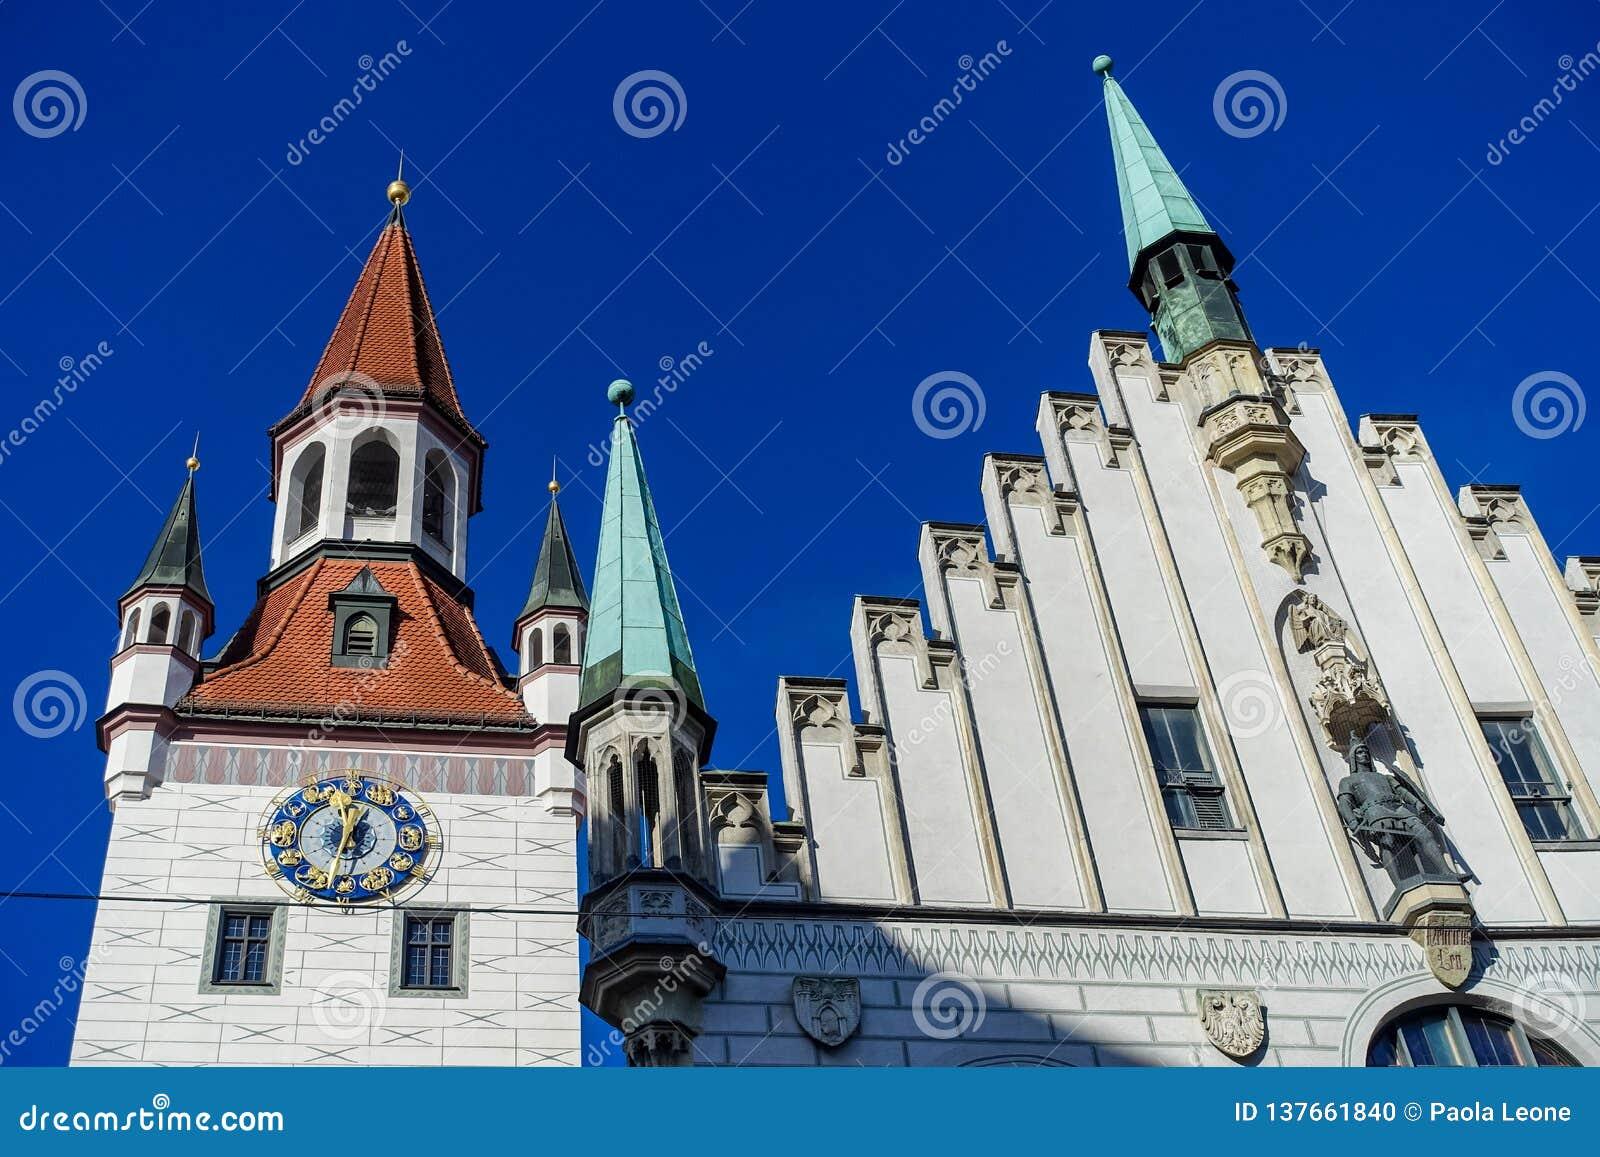 Munich TYSKLAND - Januari 17, 2018: Gammal stad Hall Altes Rathaus Details i Marienplatz Munich